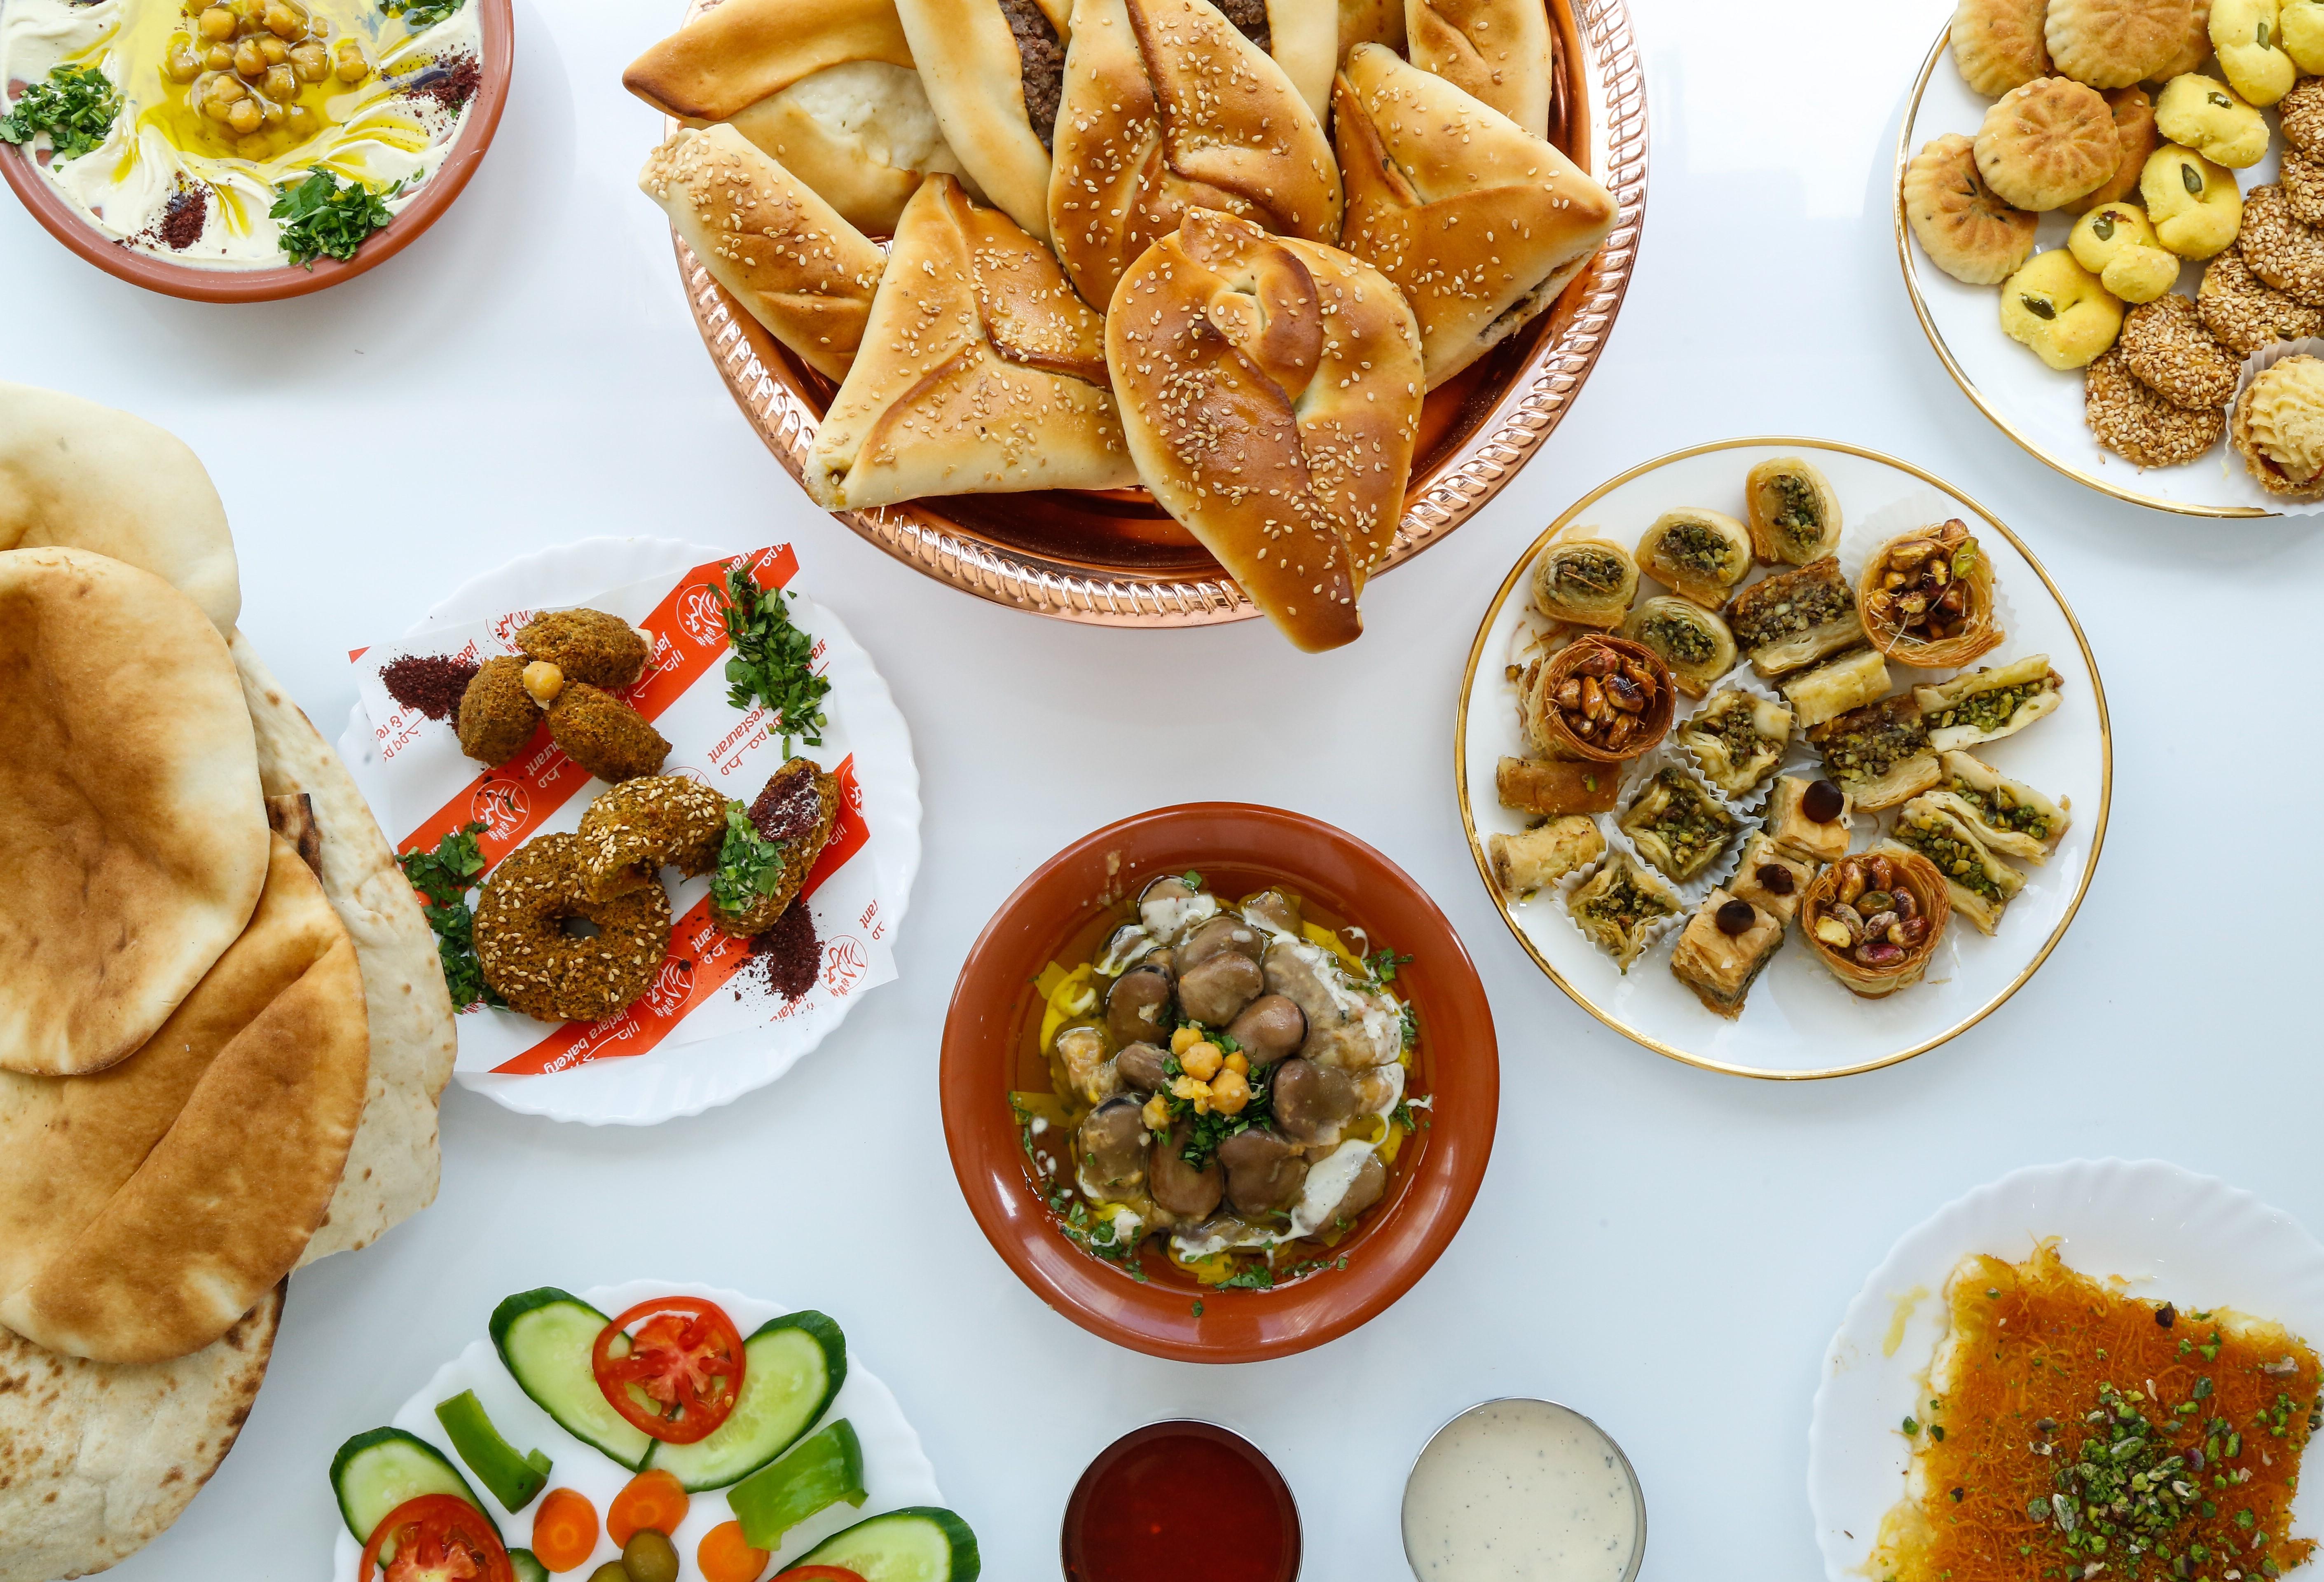 Best Jordanian Food at Jadara Restaurant in Muscat